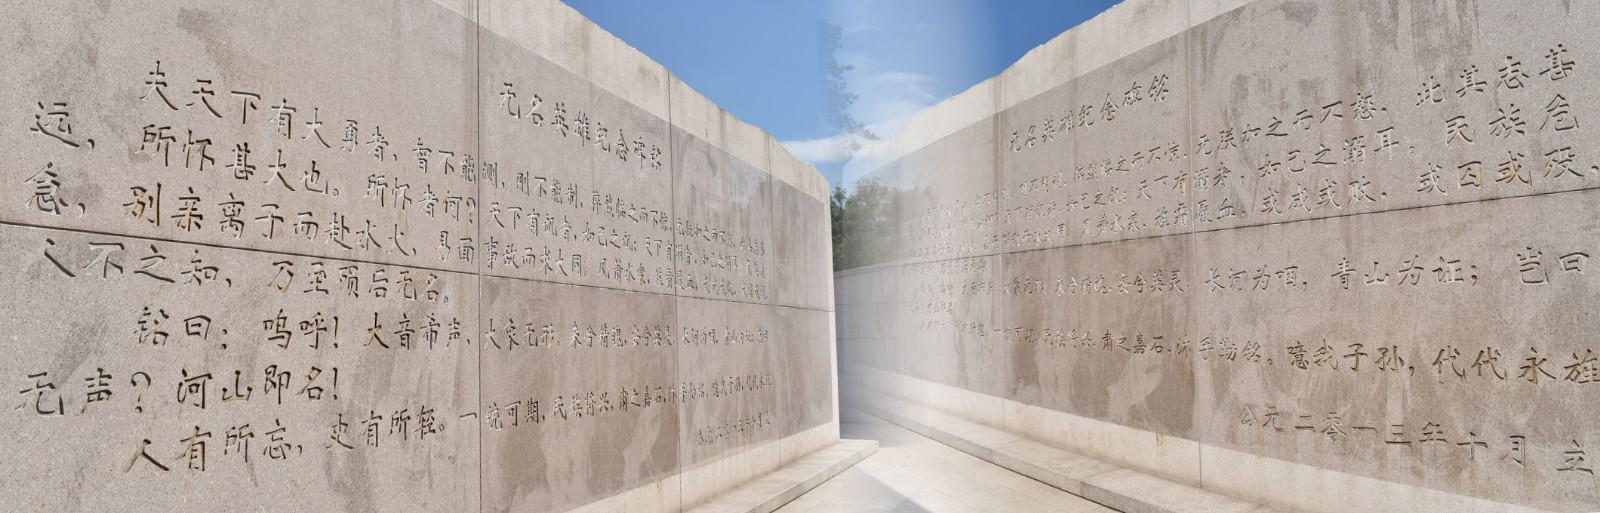 北京西山無名英雄紀念廣場,碑文。